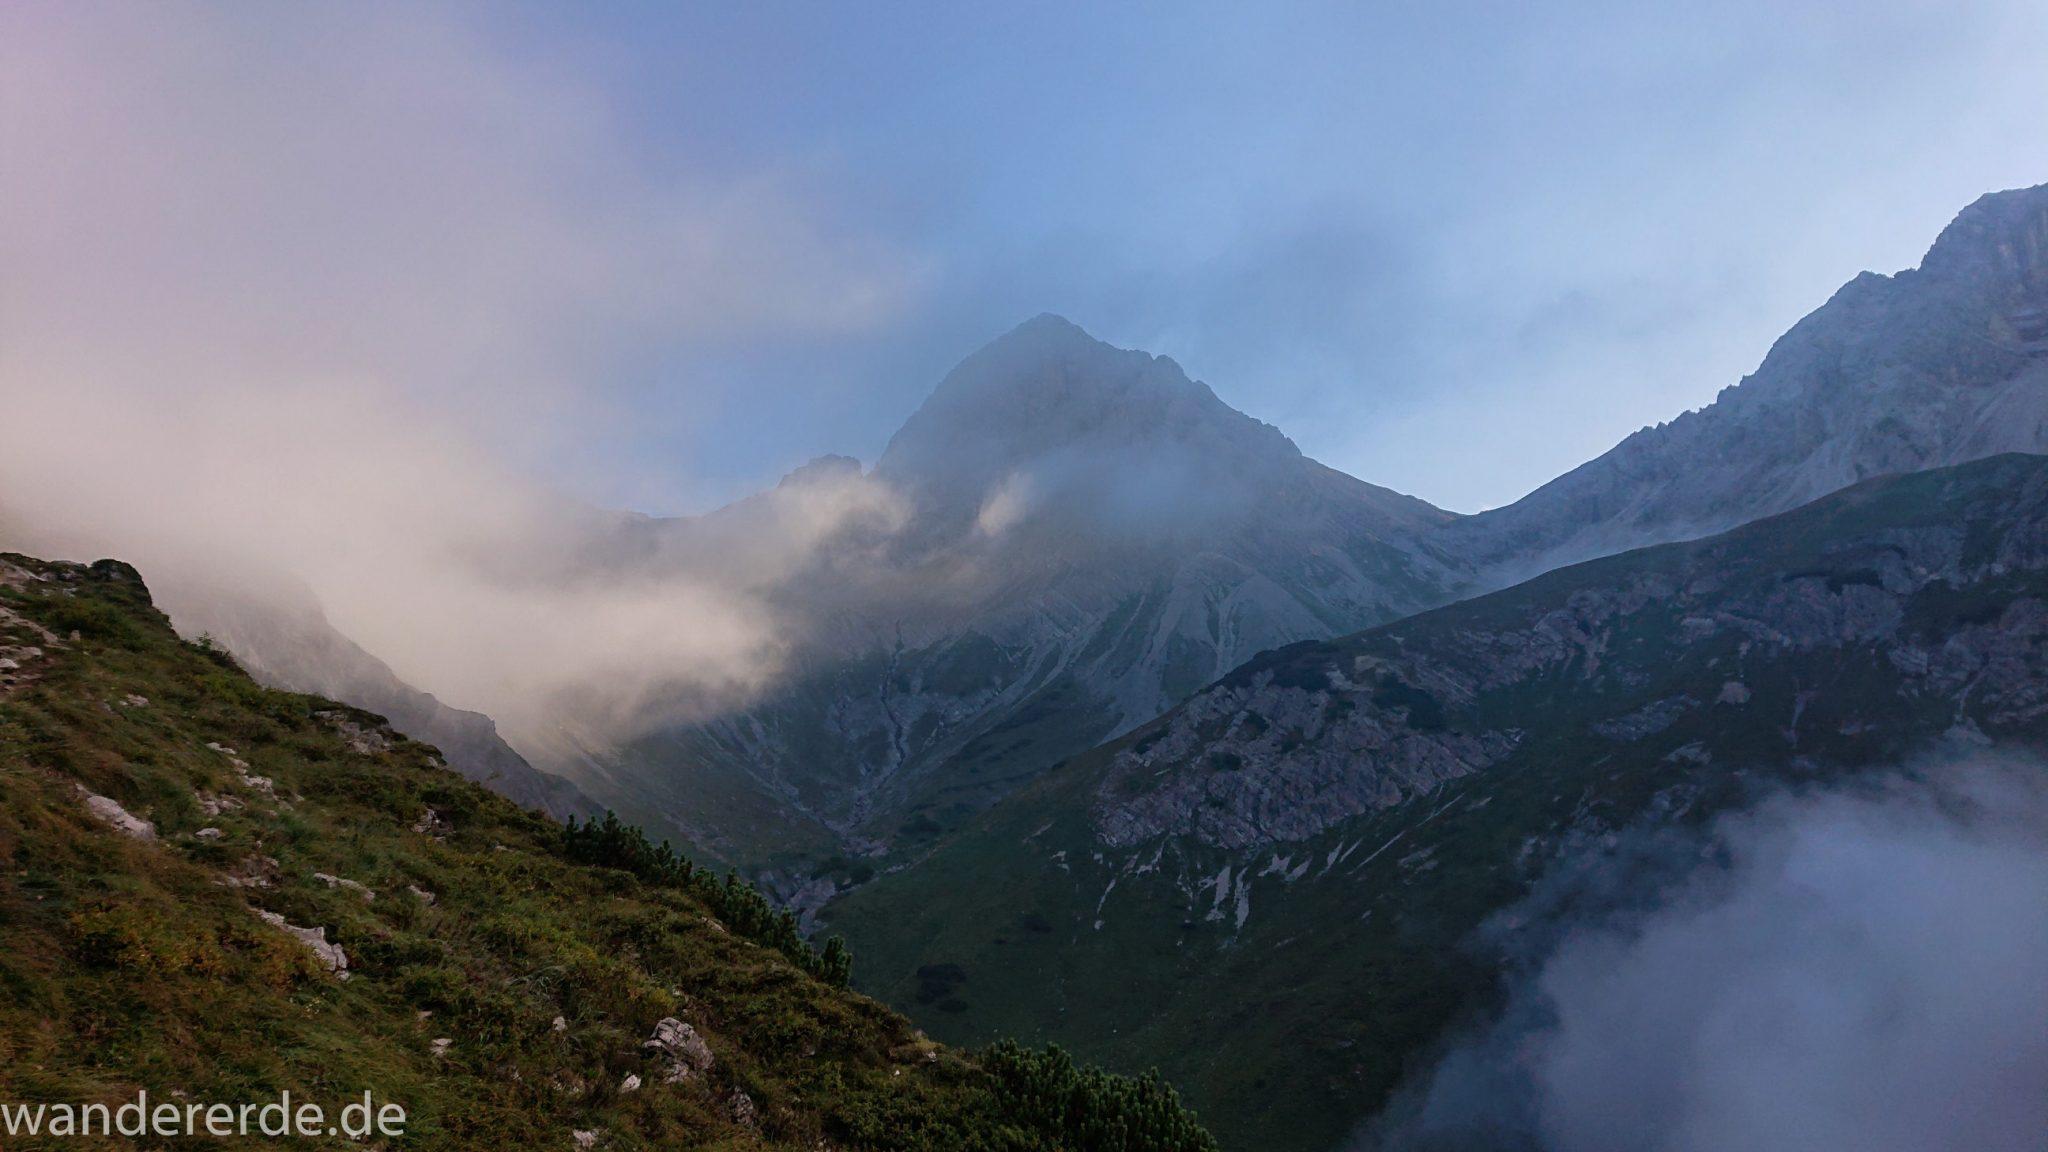 Alpenüberquerung Fernwanderweg E5 Oberstdorf Meran, 2. Etappe von Kemptner Hütte zur Memminger Hütte, in der Nähe vom Mädelejoch, umliegende Berge in Wolken gehüllt, Berggipfel nur teilweise sichtbar, Wanderung mit eingeschränkter Sicht wegen Nebel, beeindruckende Landschaft in den Bergen, bezaubernde Alpen